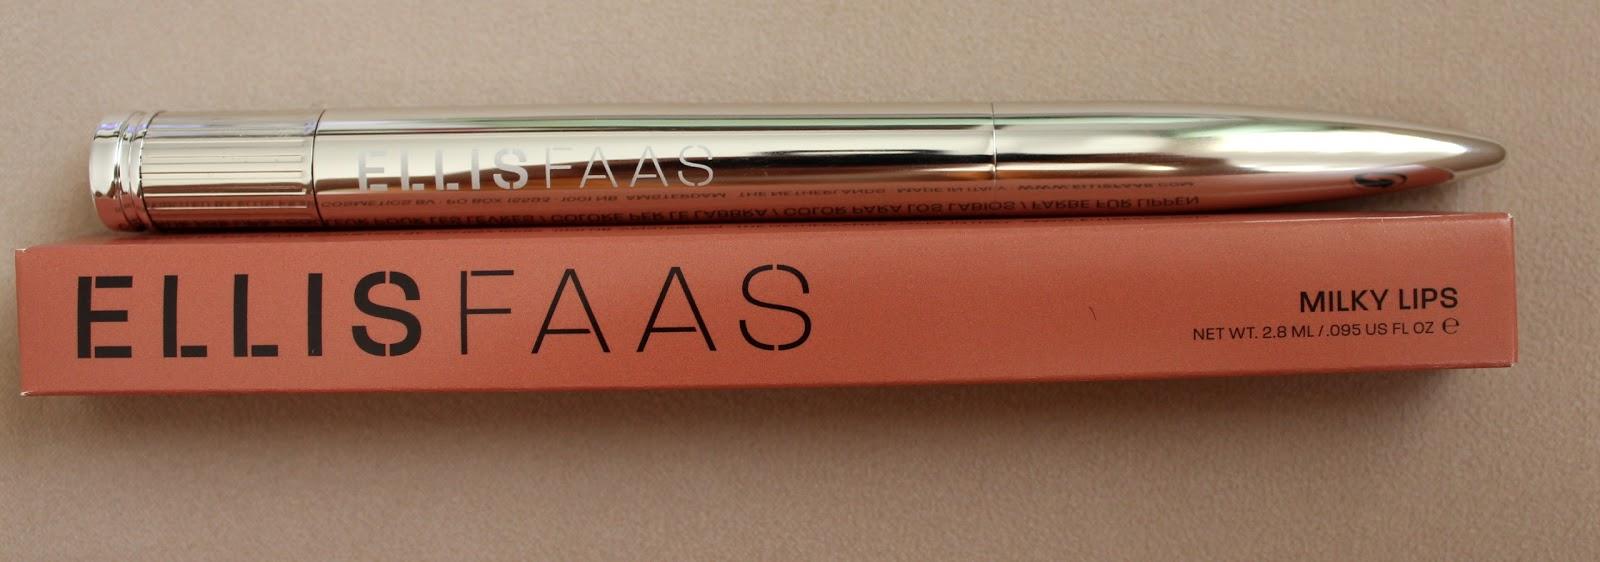 Ellis Faas rujlarından bir diğer seri olan Milky Lips serisinin oldukça soluk bir tonu L206...